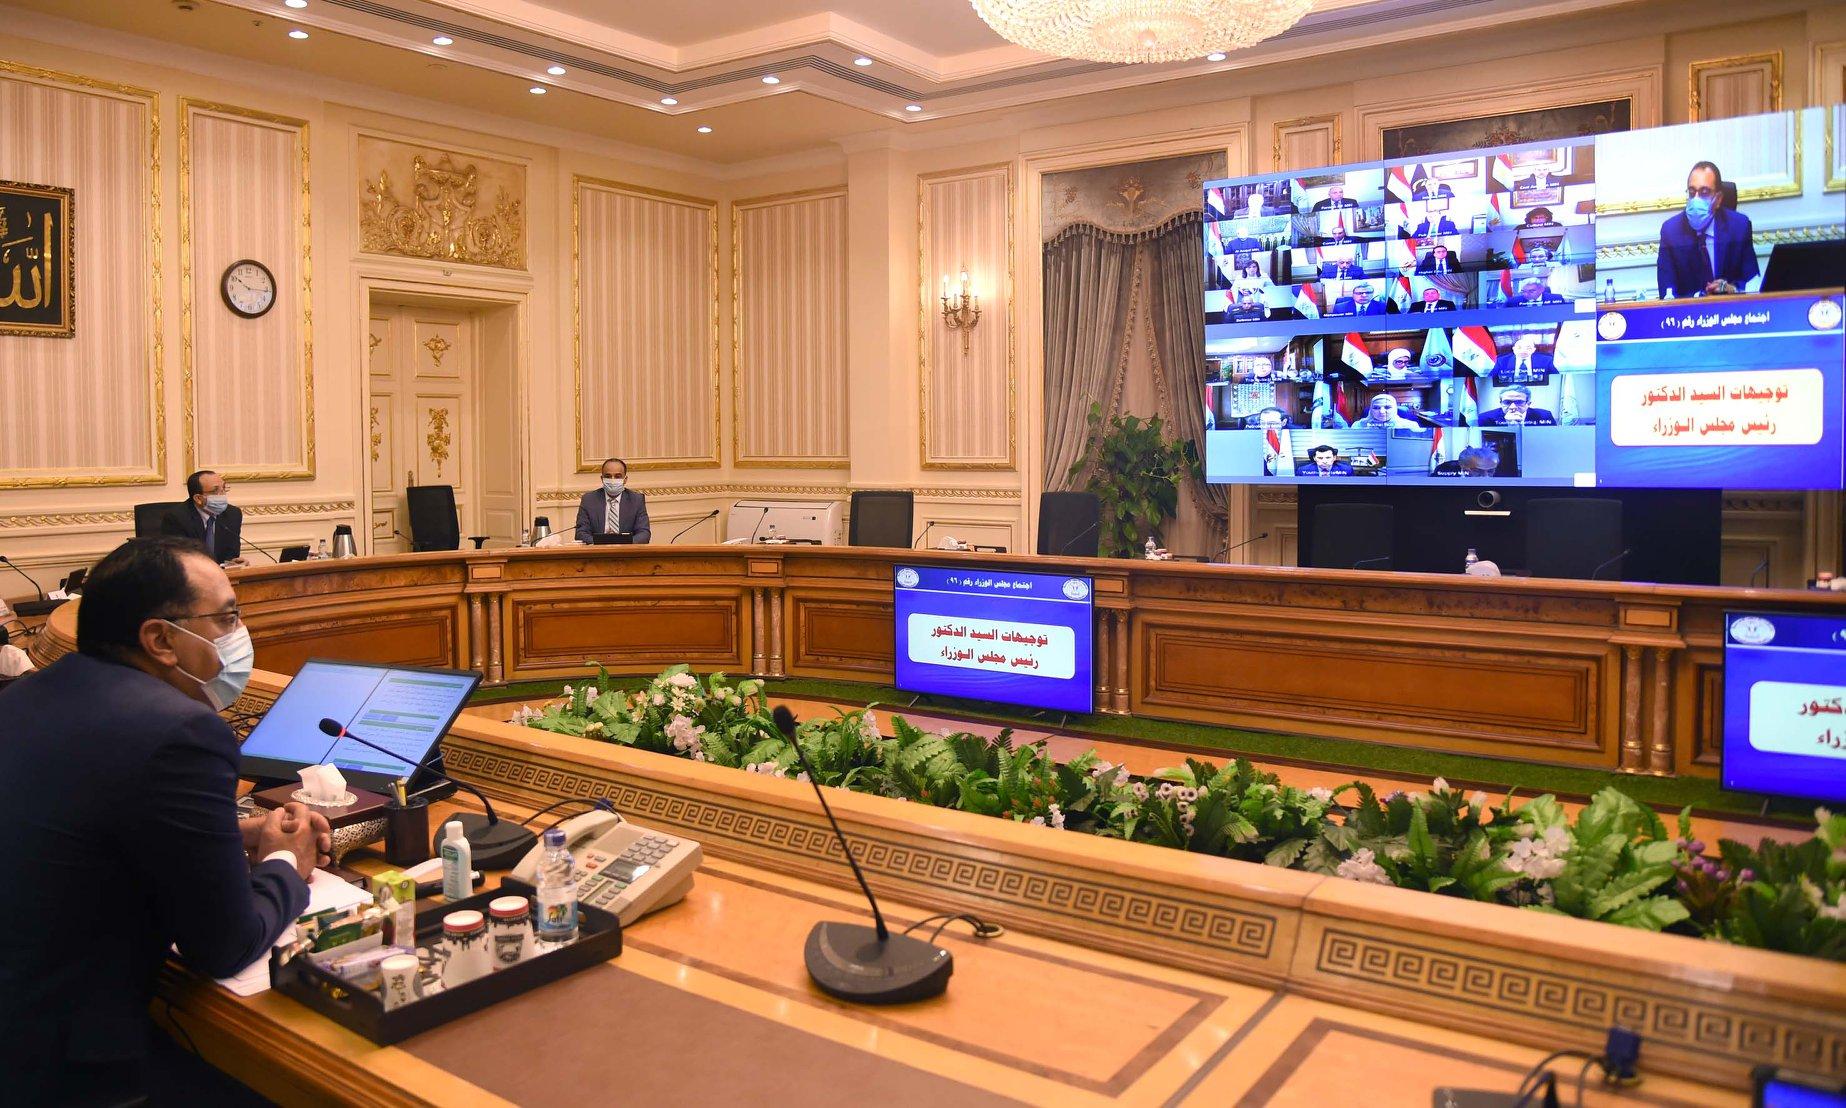 الحكومة تعلن الاستعداد لاستقبال السياحة الوافدة بمحافظات جنوب سيناء والبحر الأحمر ومطروح